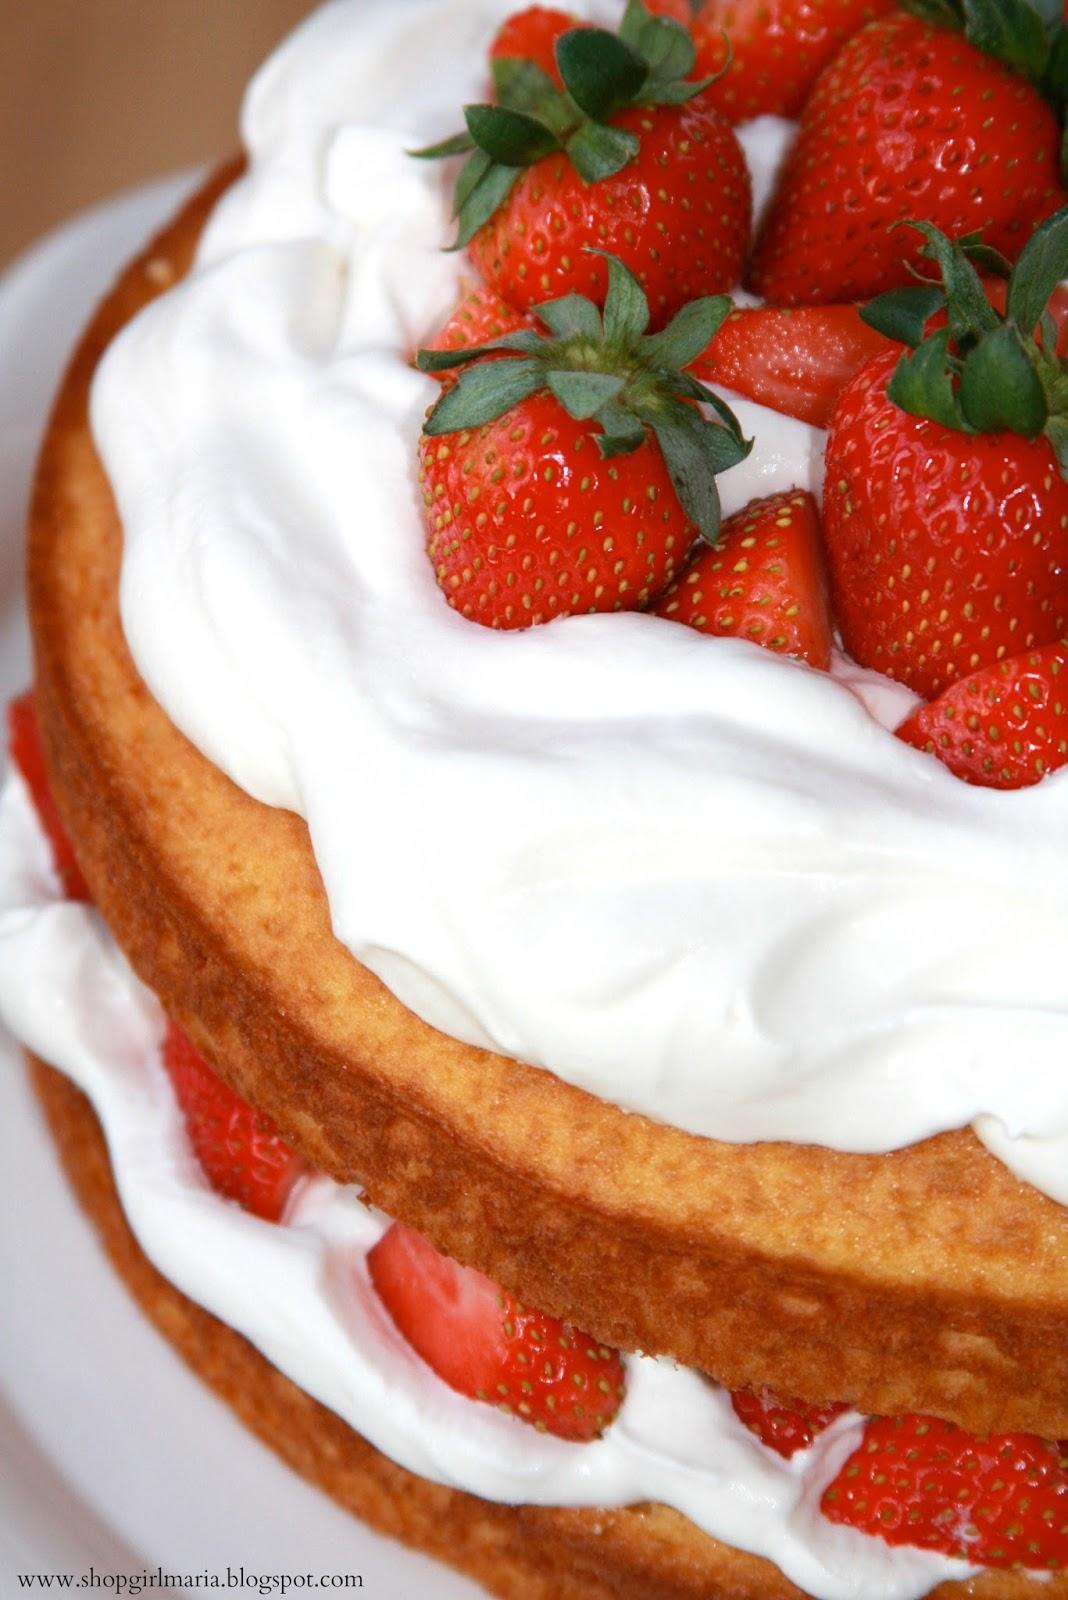 Strawberry Layer Cake A Homemade Living